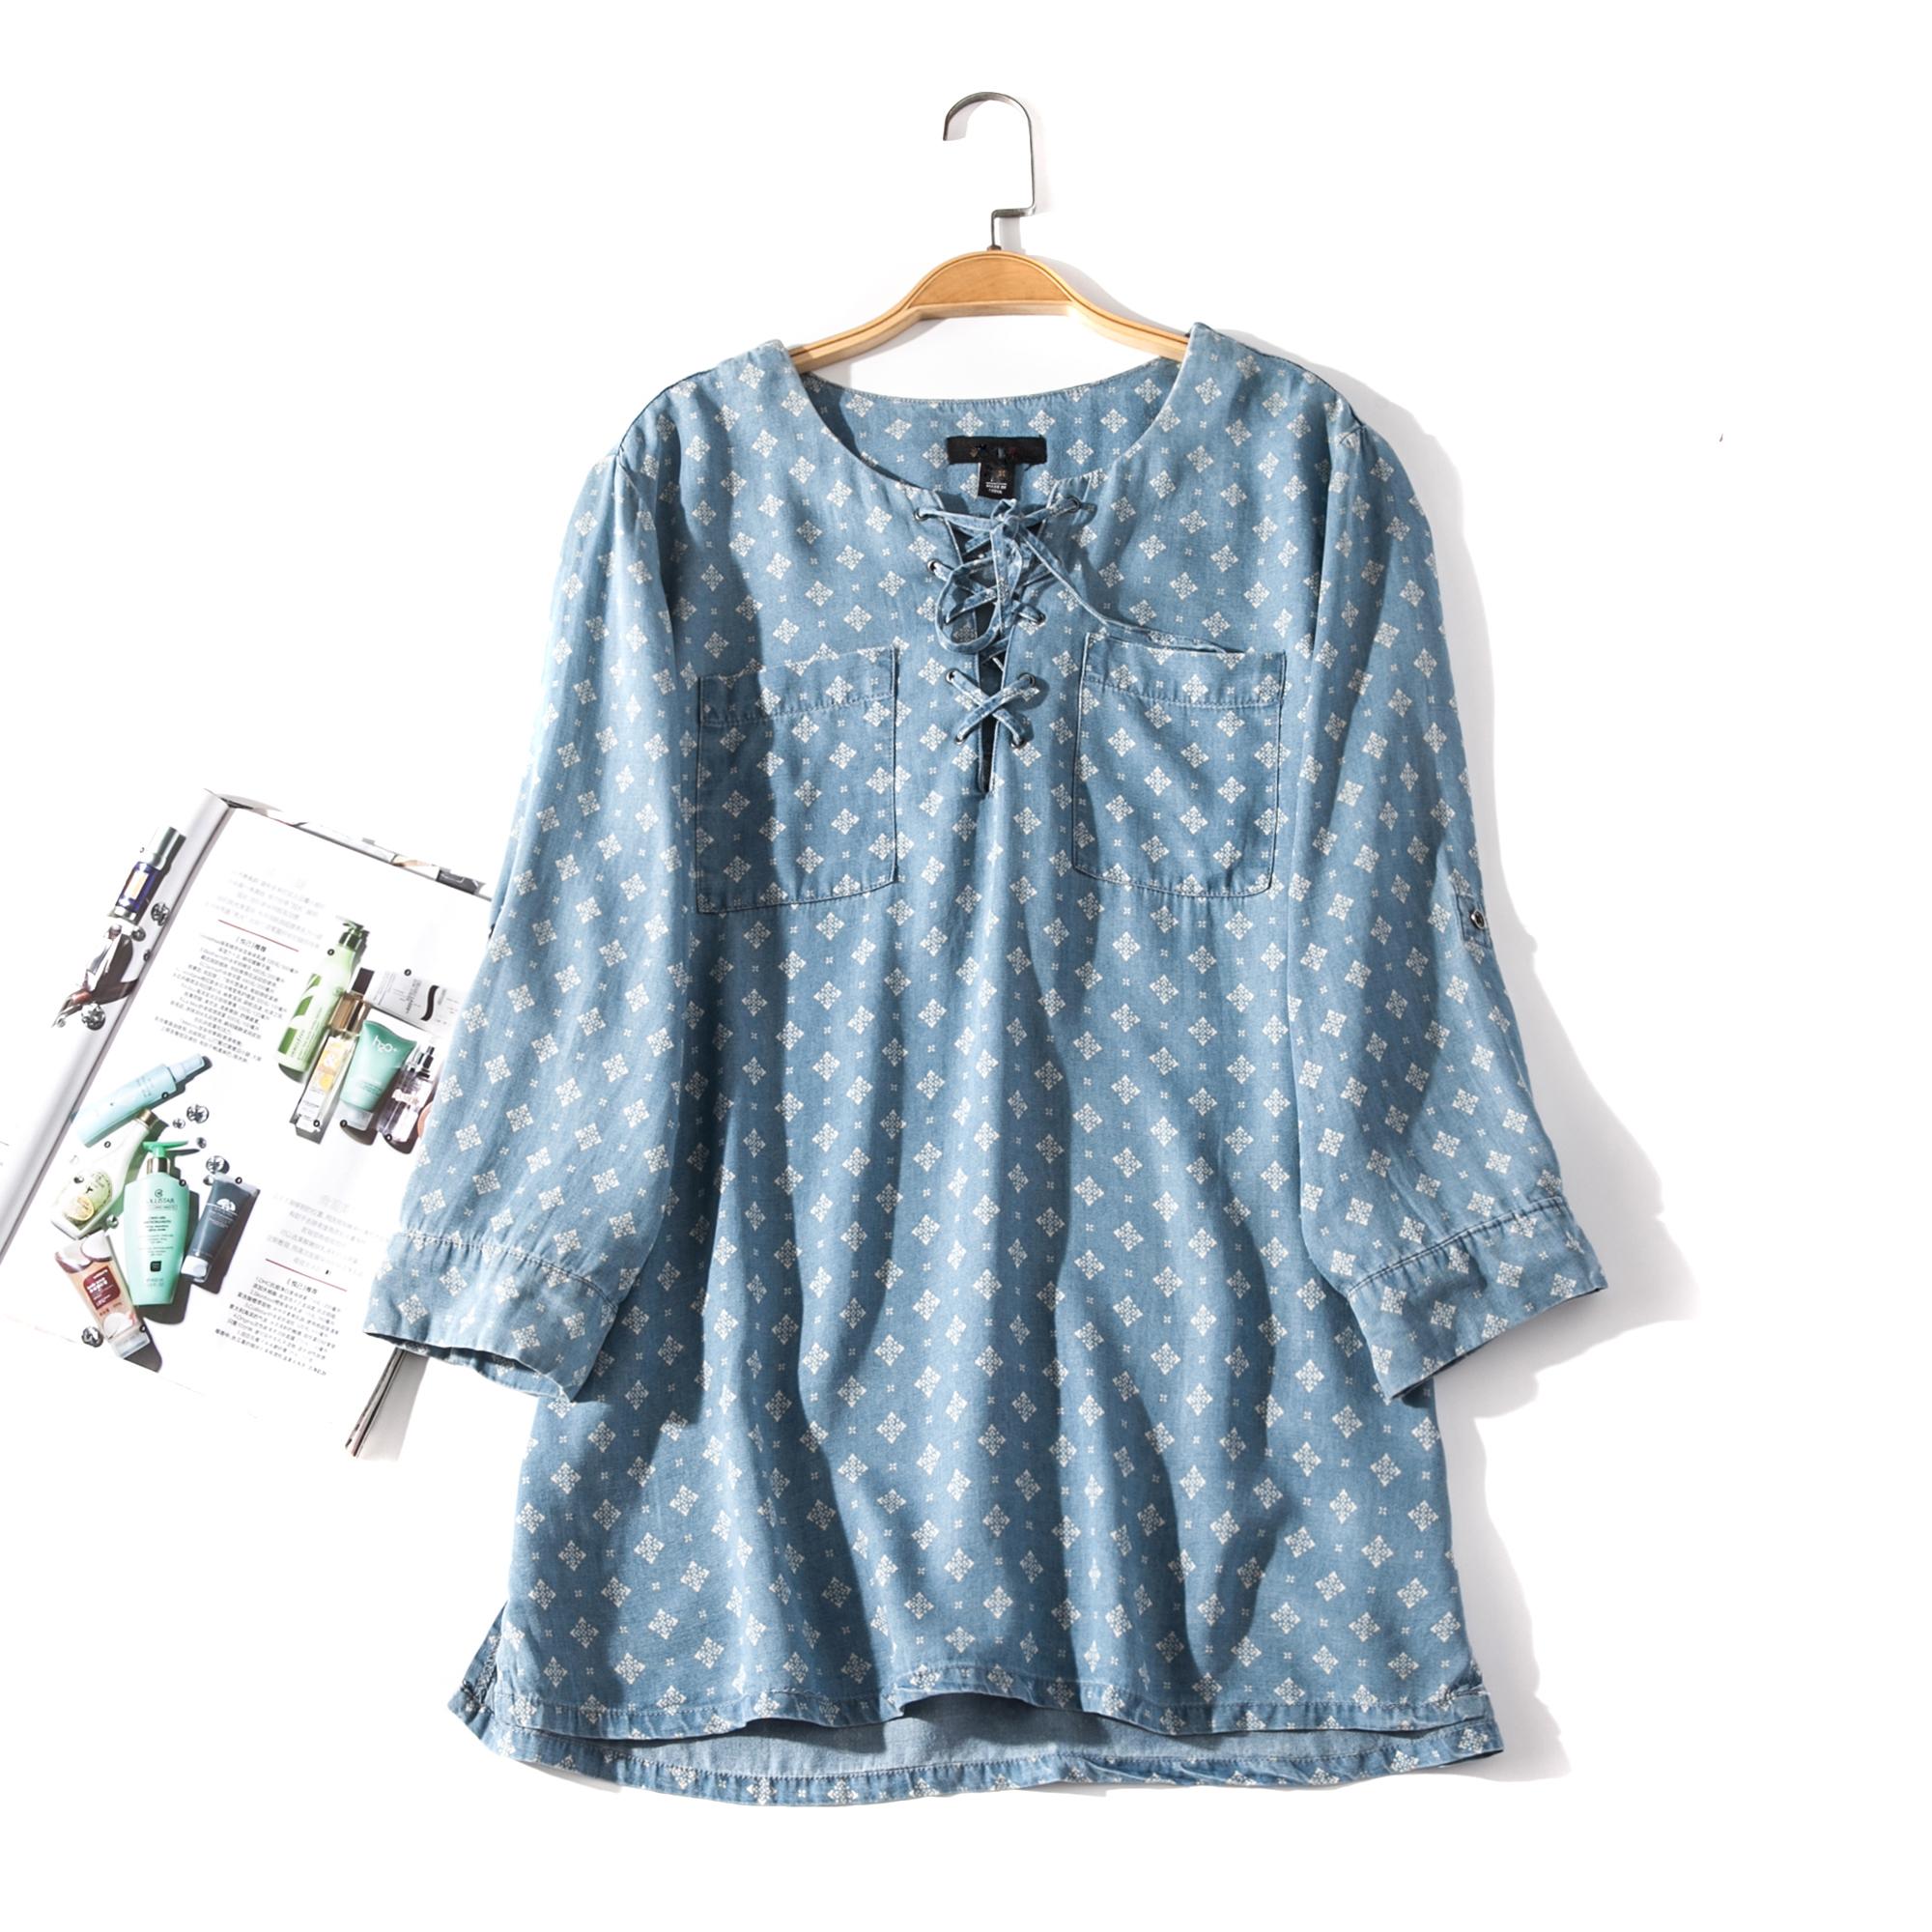 出口欧美单女装胸围106-112cm  圆领系带长袖套头衬衫女U248